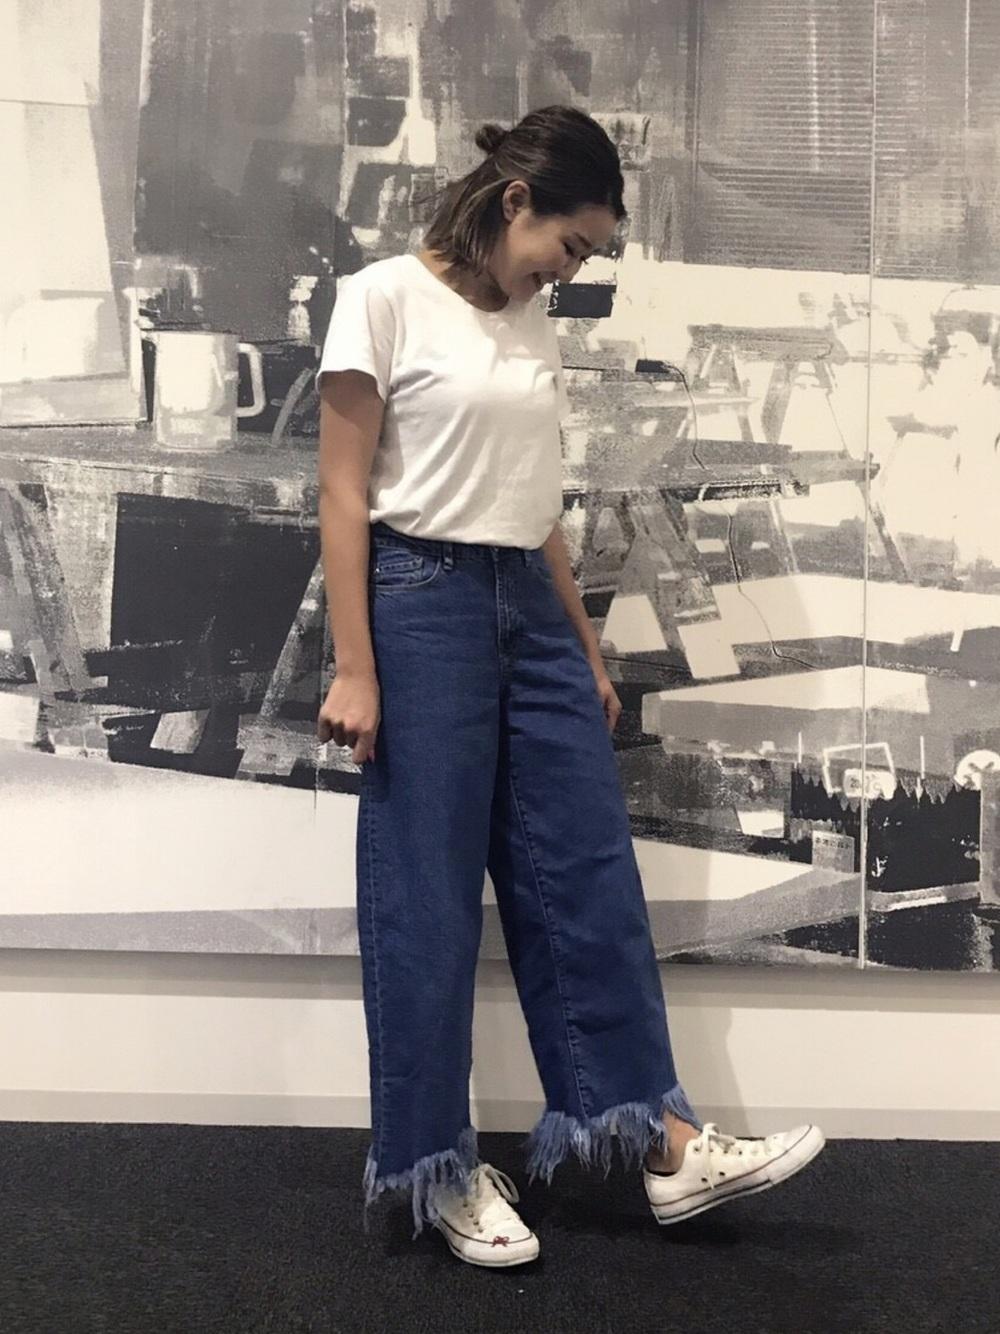 デニム×Tシャツのシンプルなスタイル!デニム裾の切り口がオシャレ度が高い大人カジュアルコーデ。